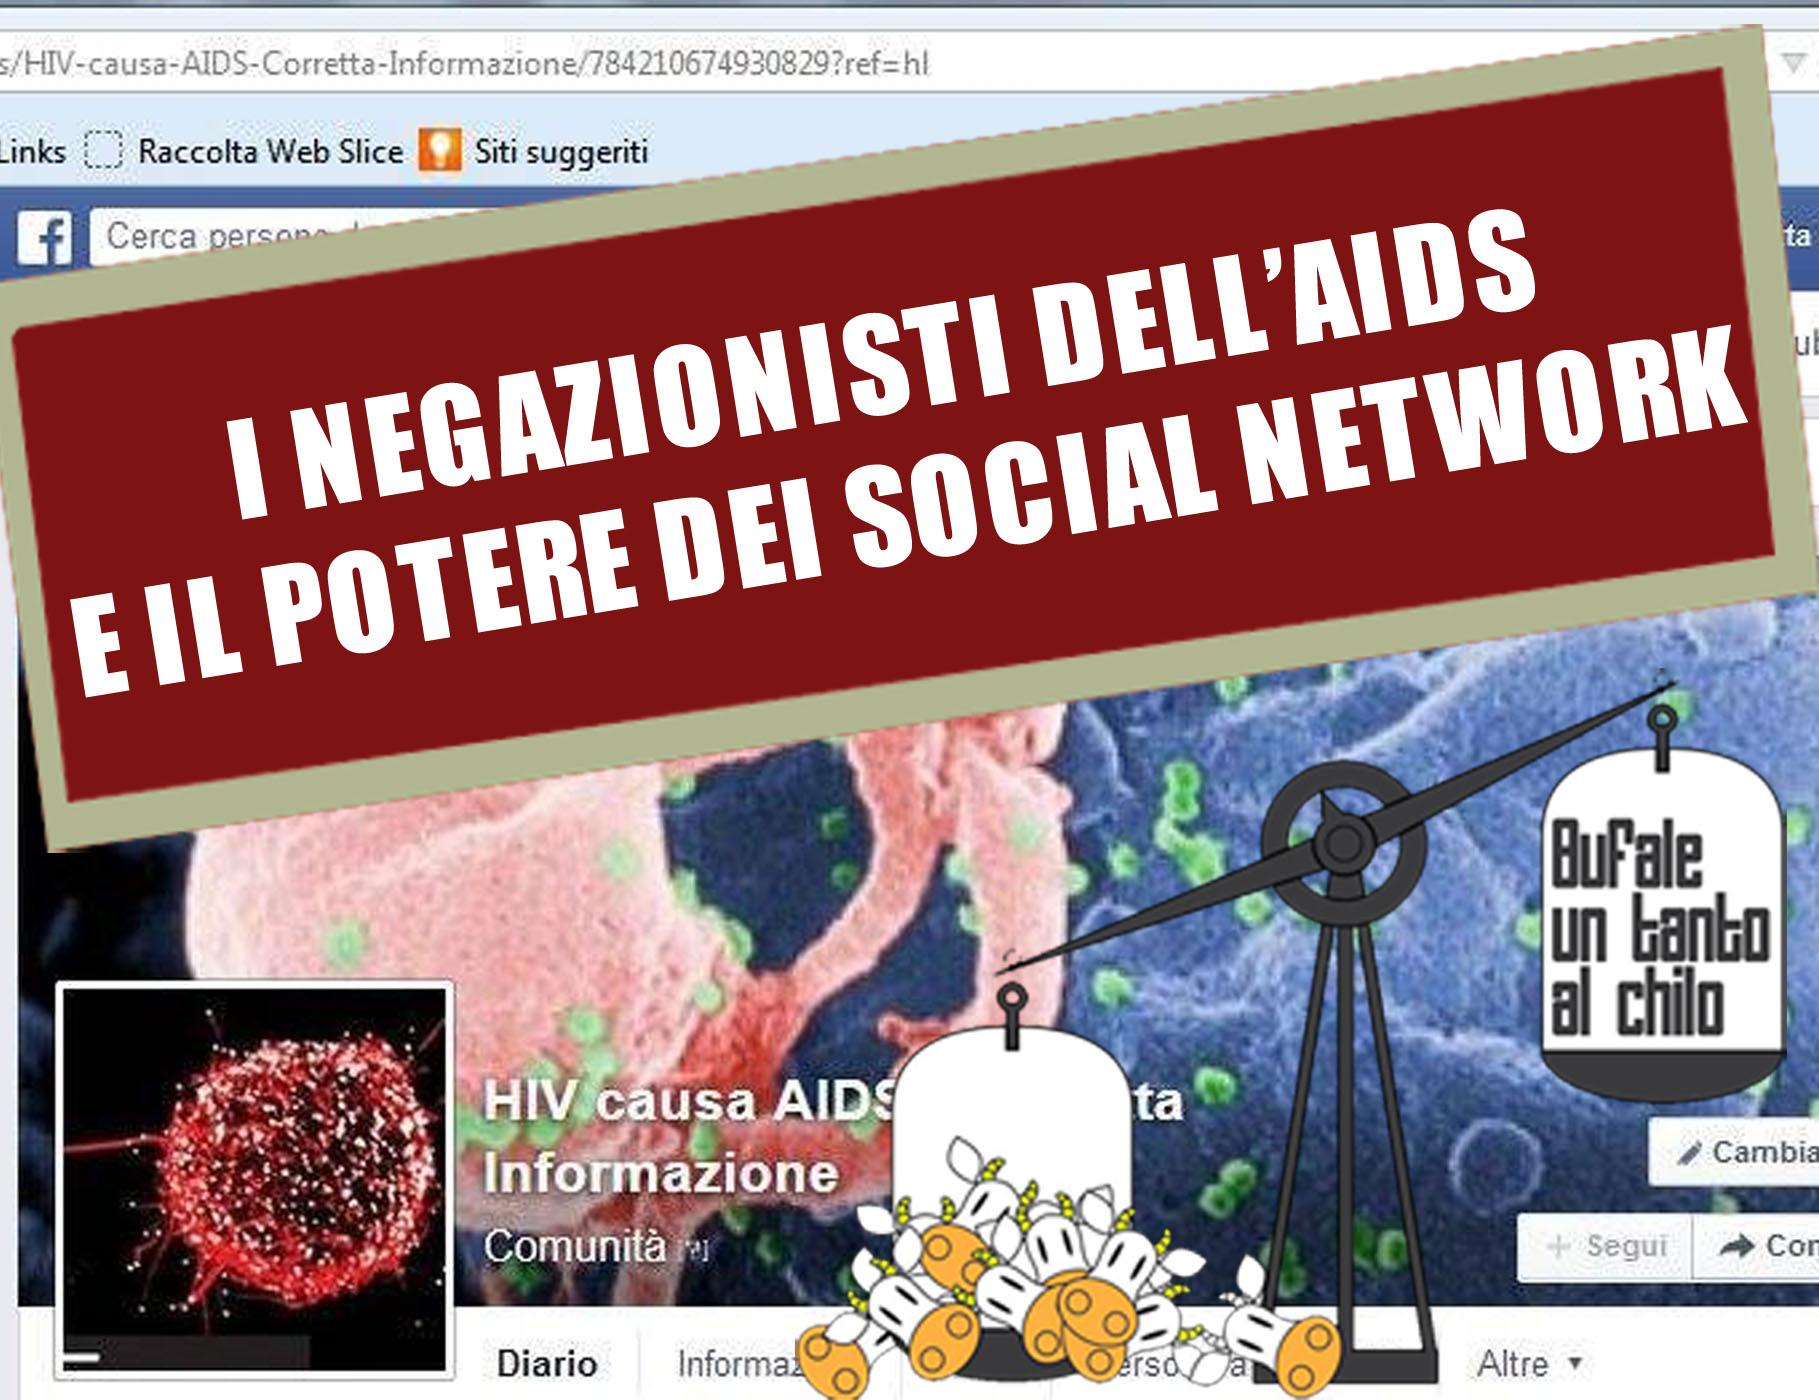 HIVnegazionisiti